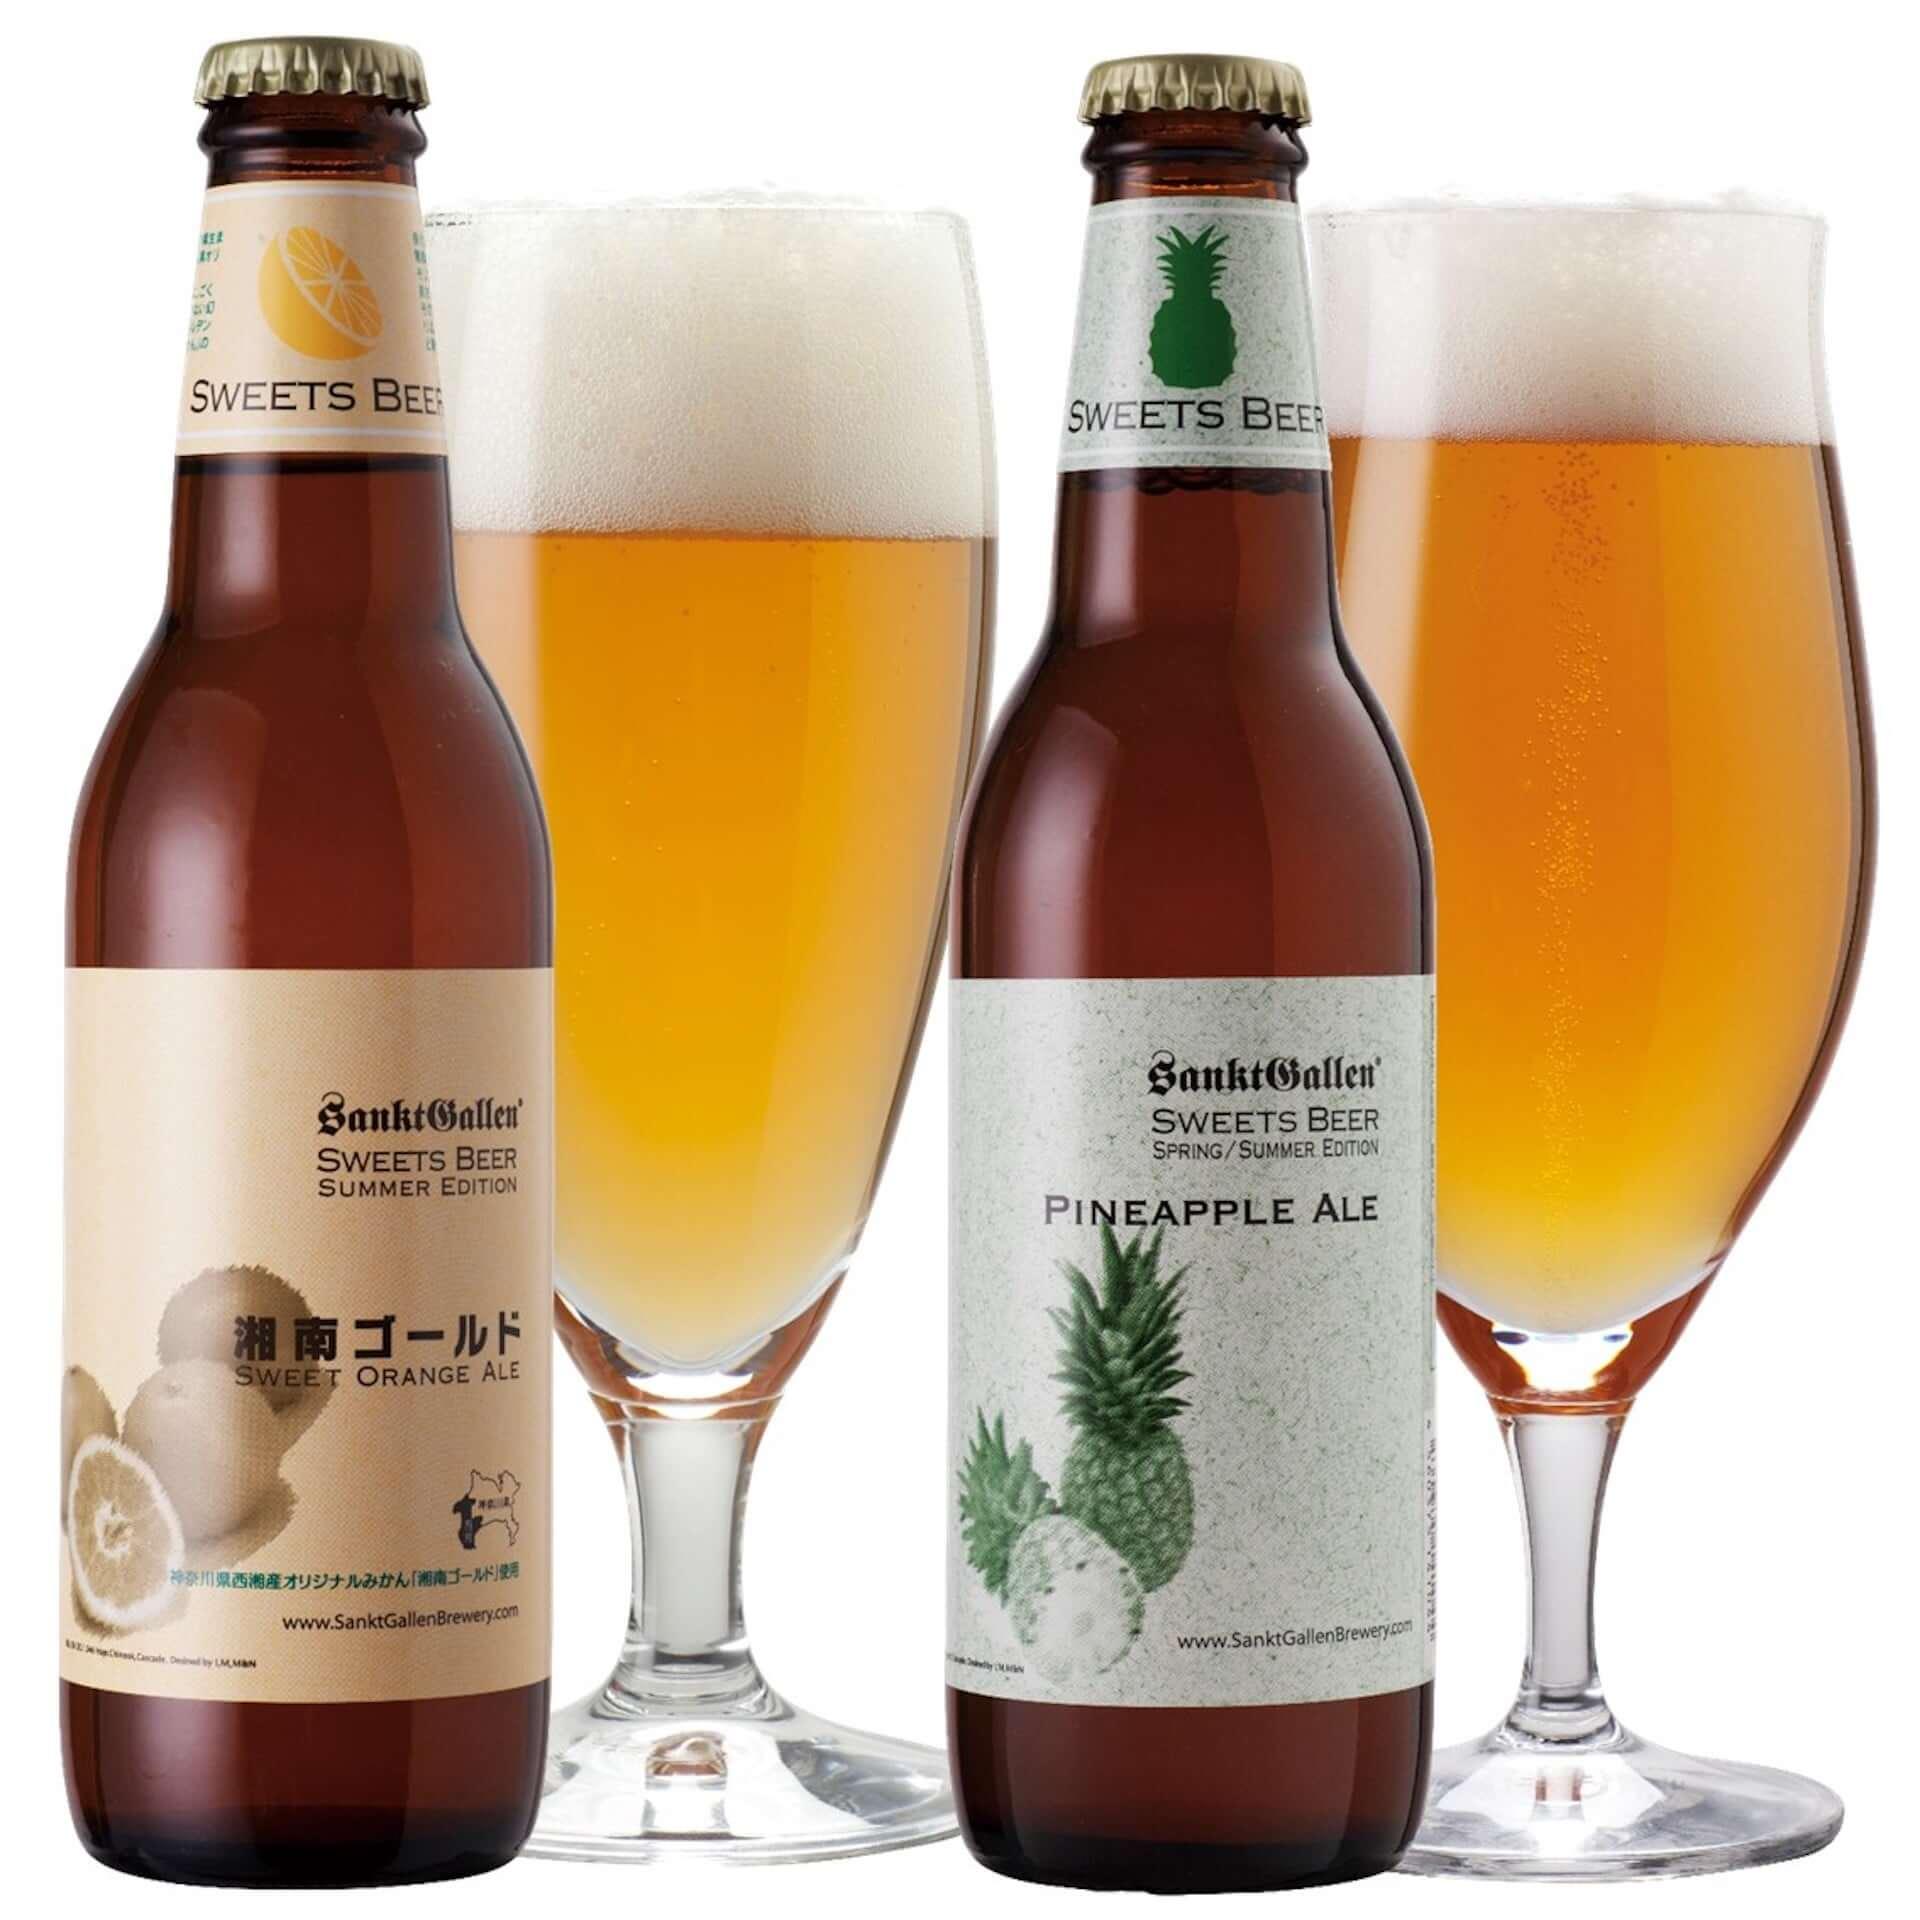 フルーツビールやクラフトビールが最大15%割引に!サンクトガーレンによる宅飲み応援キャンペーンが5月末まで延長決定 gourmet200507_sanktgallen_2-1920x1920